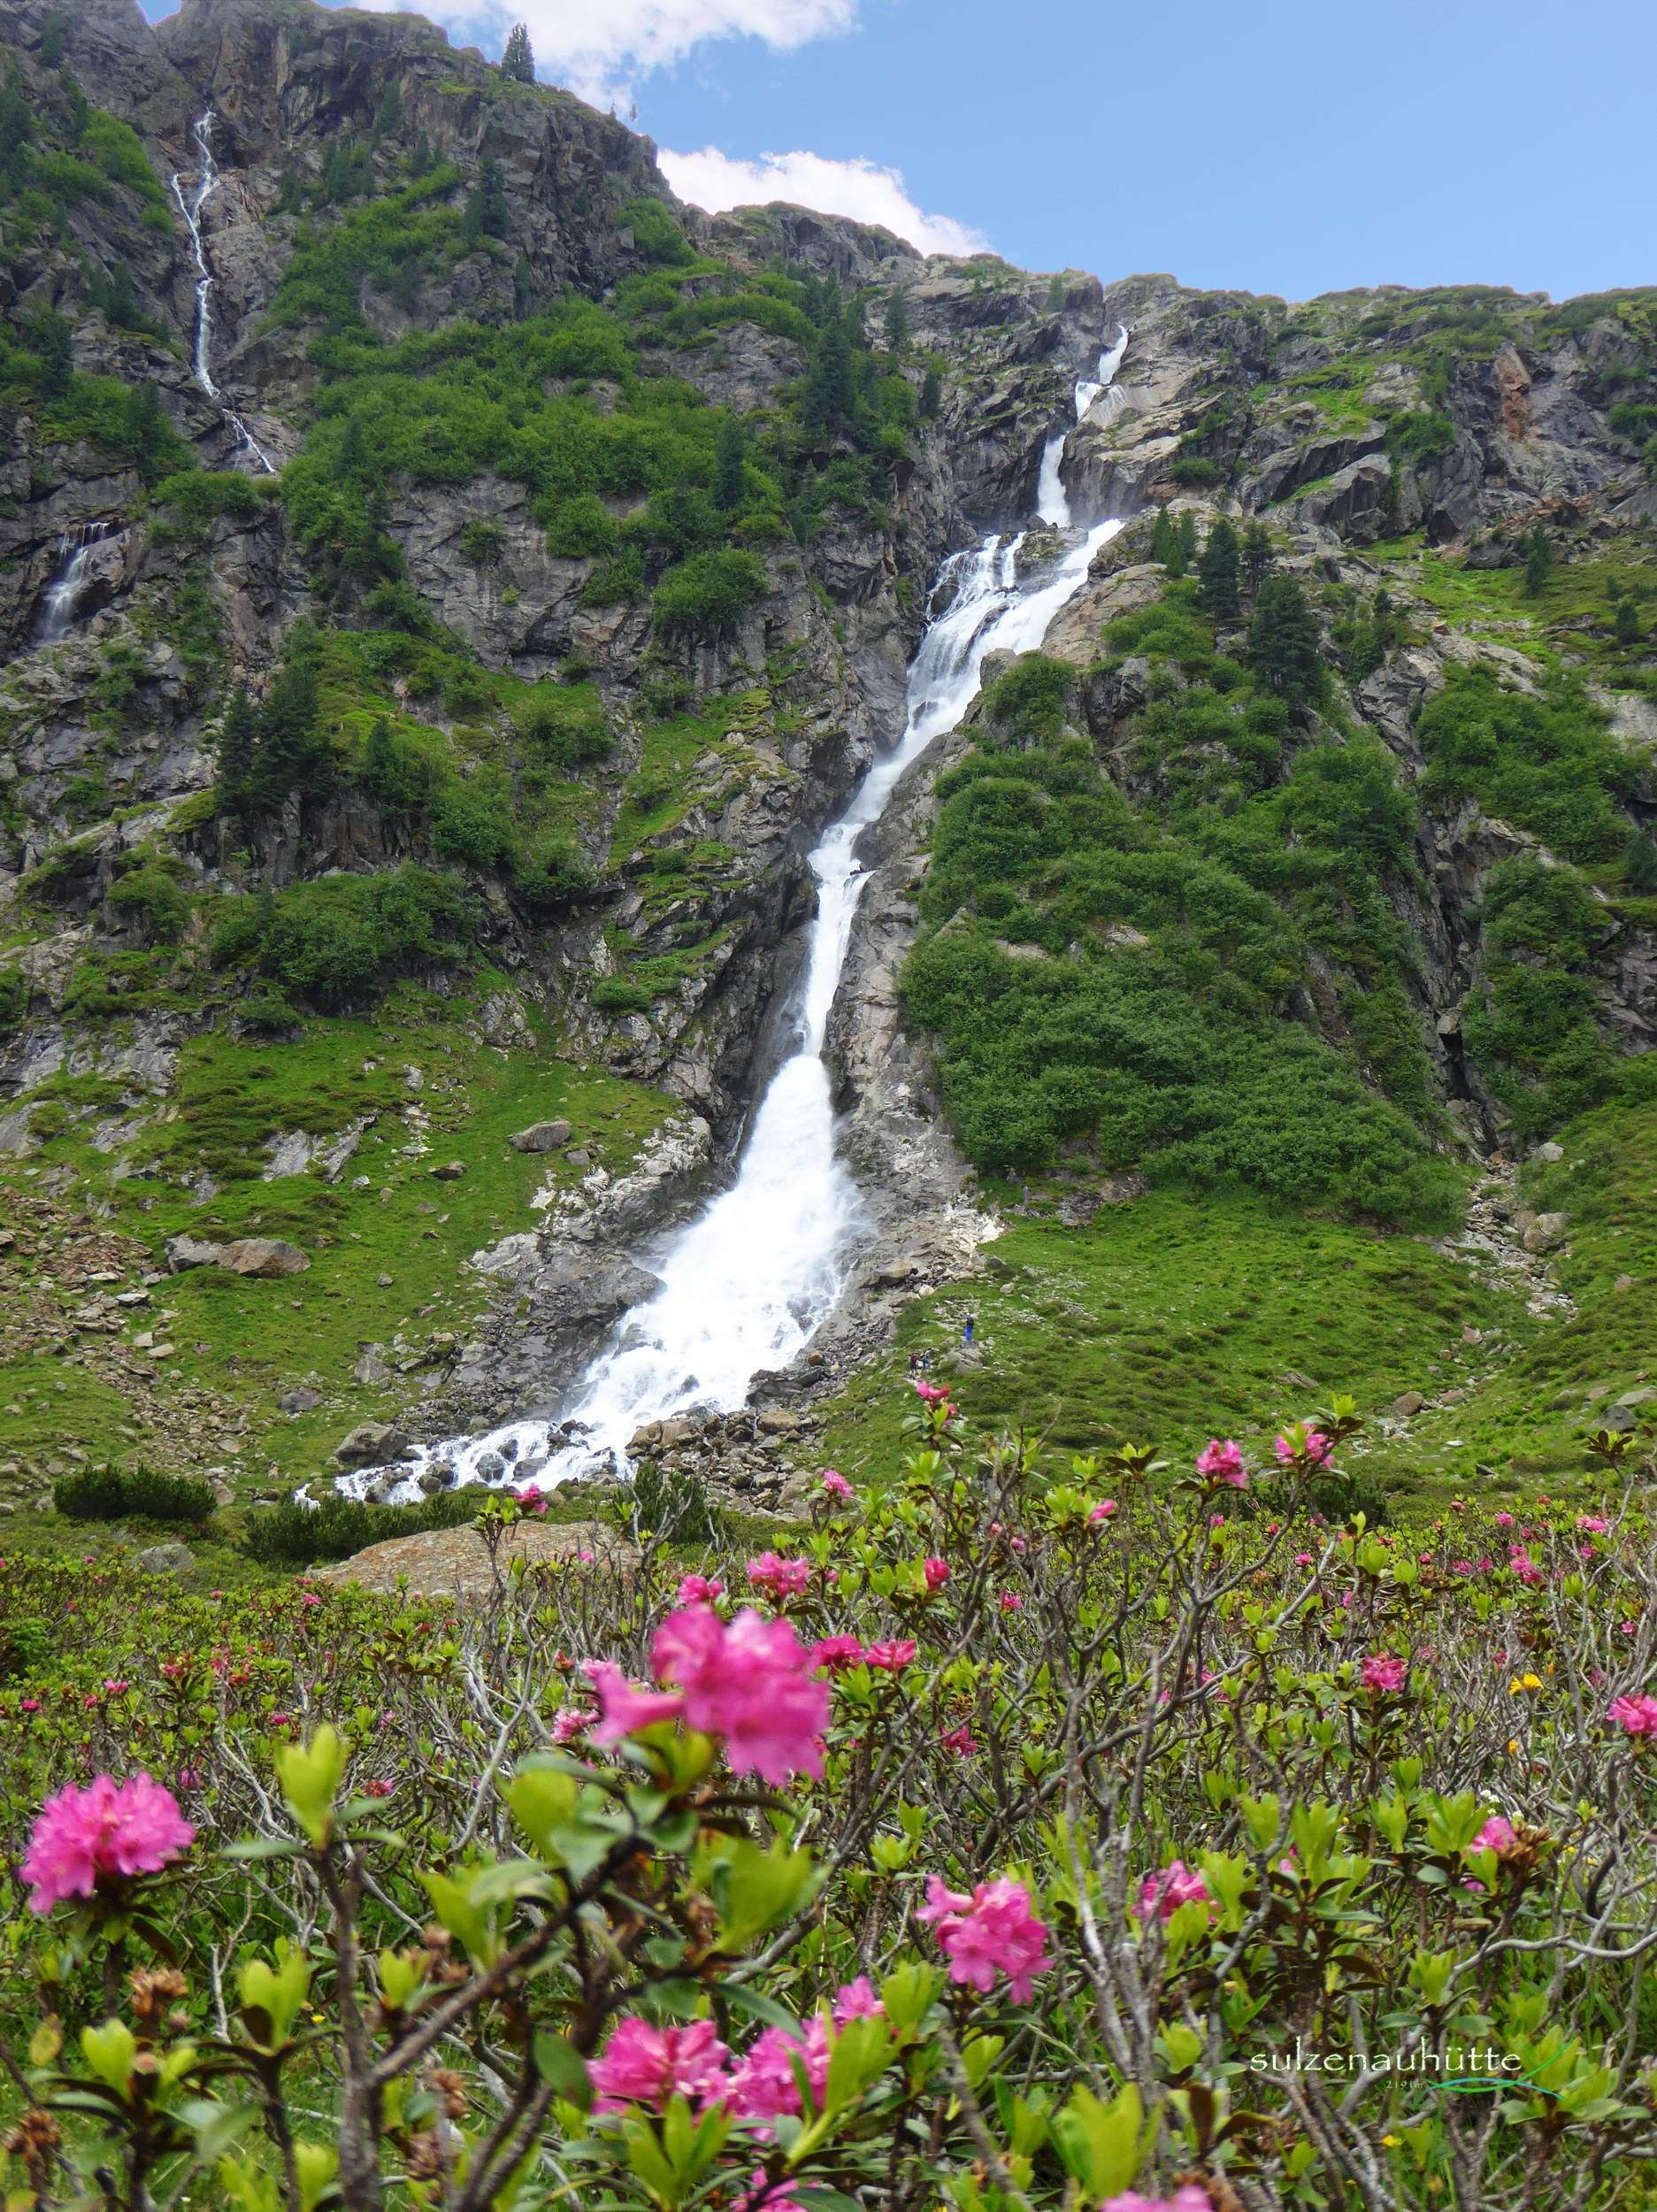 WildeWasserWeg - Wasserfall unter Sulzenauhütte